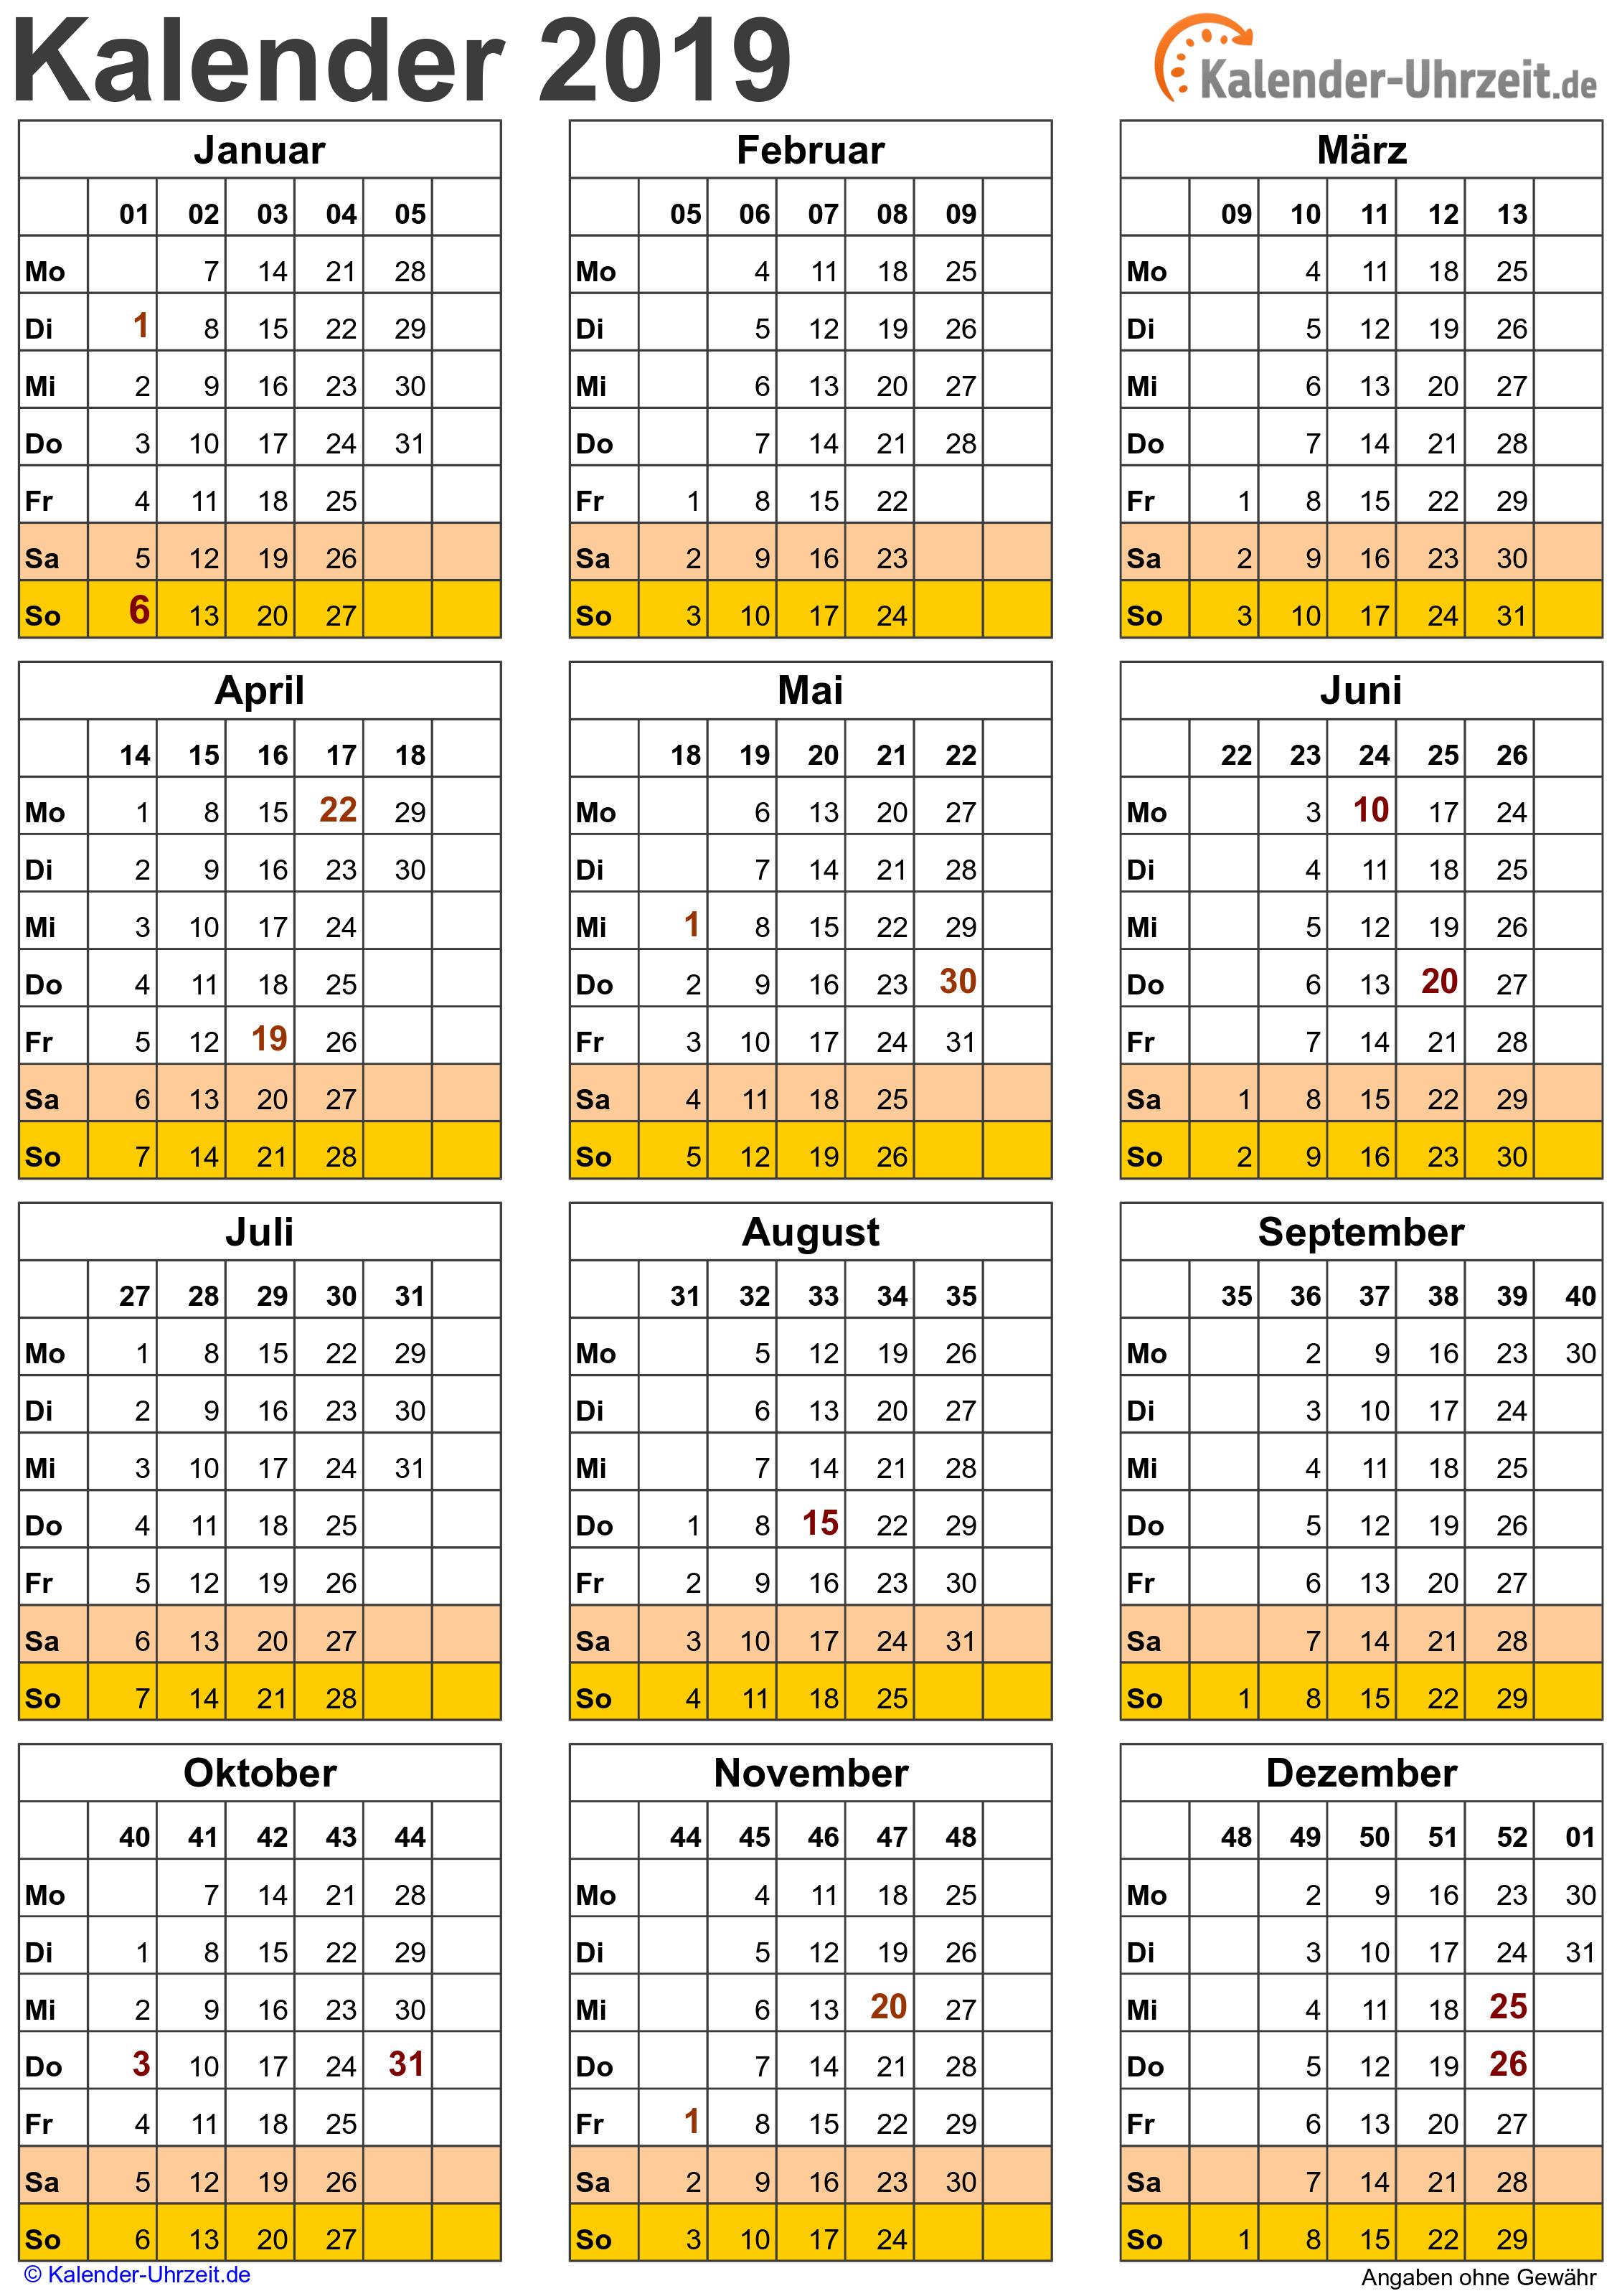 35 kalenderwoche 2019